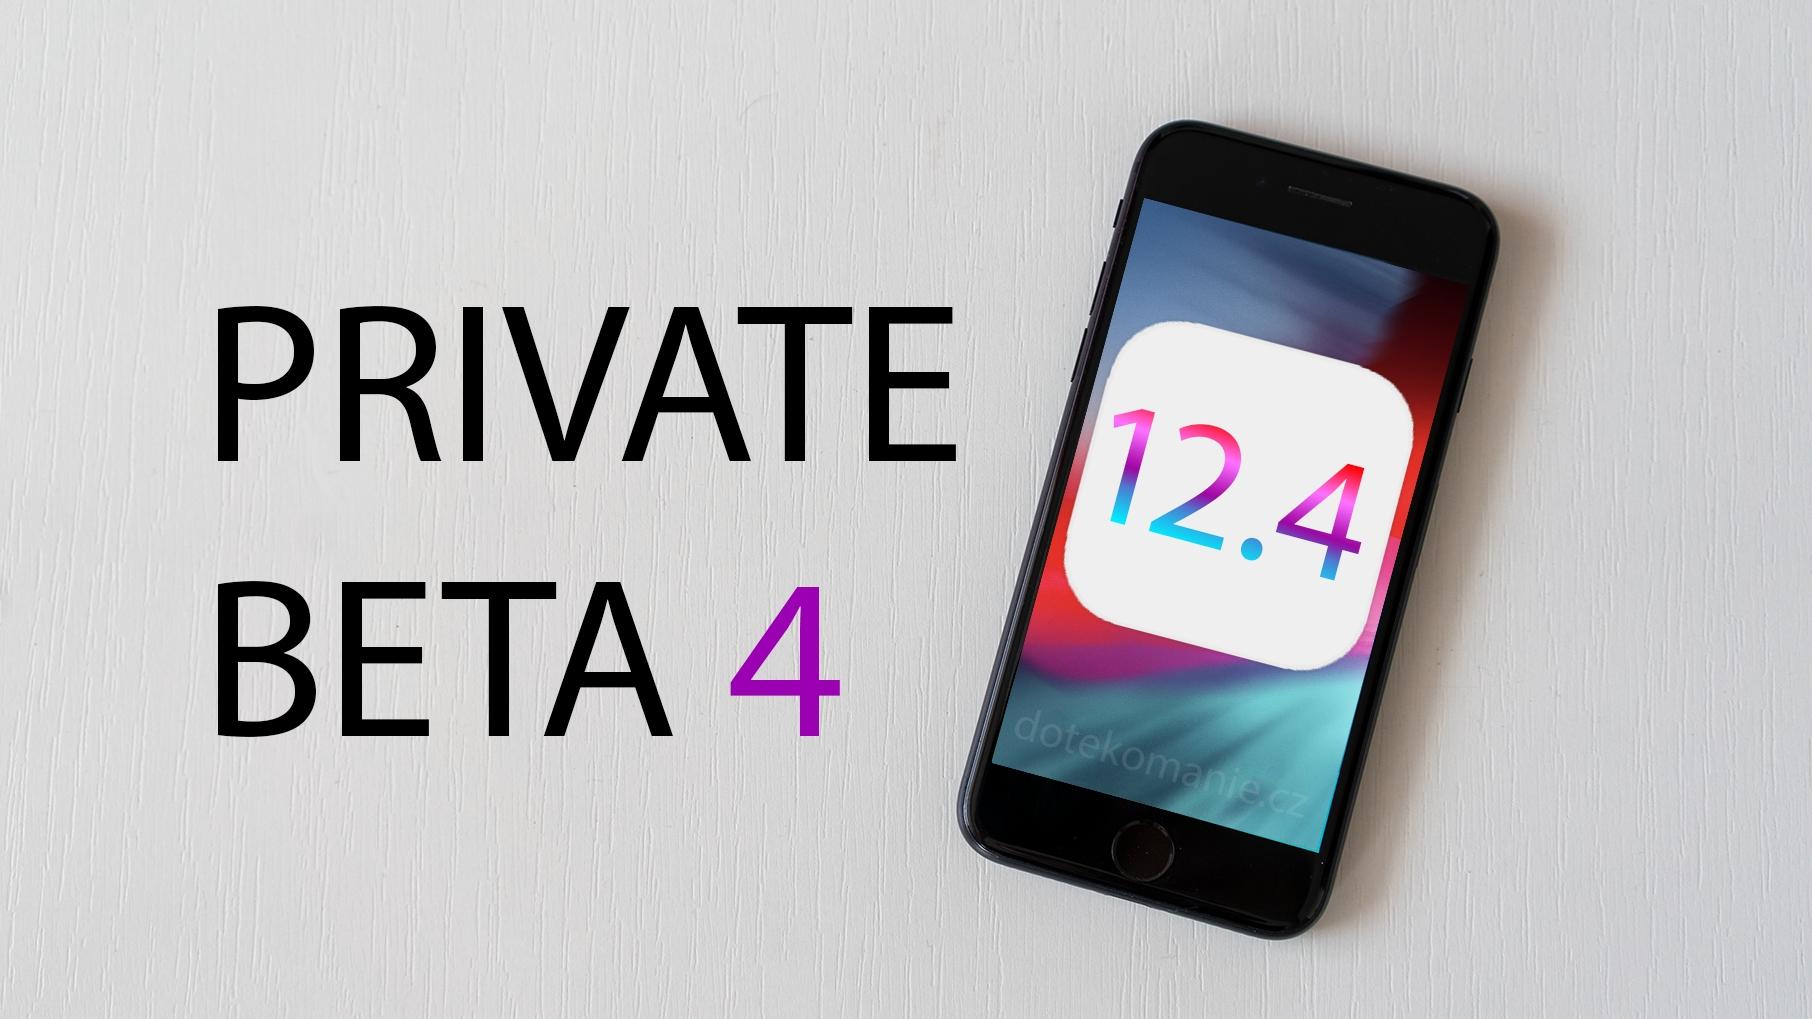 Apple vydal iOS 12.4 beta 4, údajně se připravuje na Apple Card